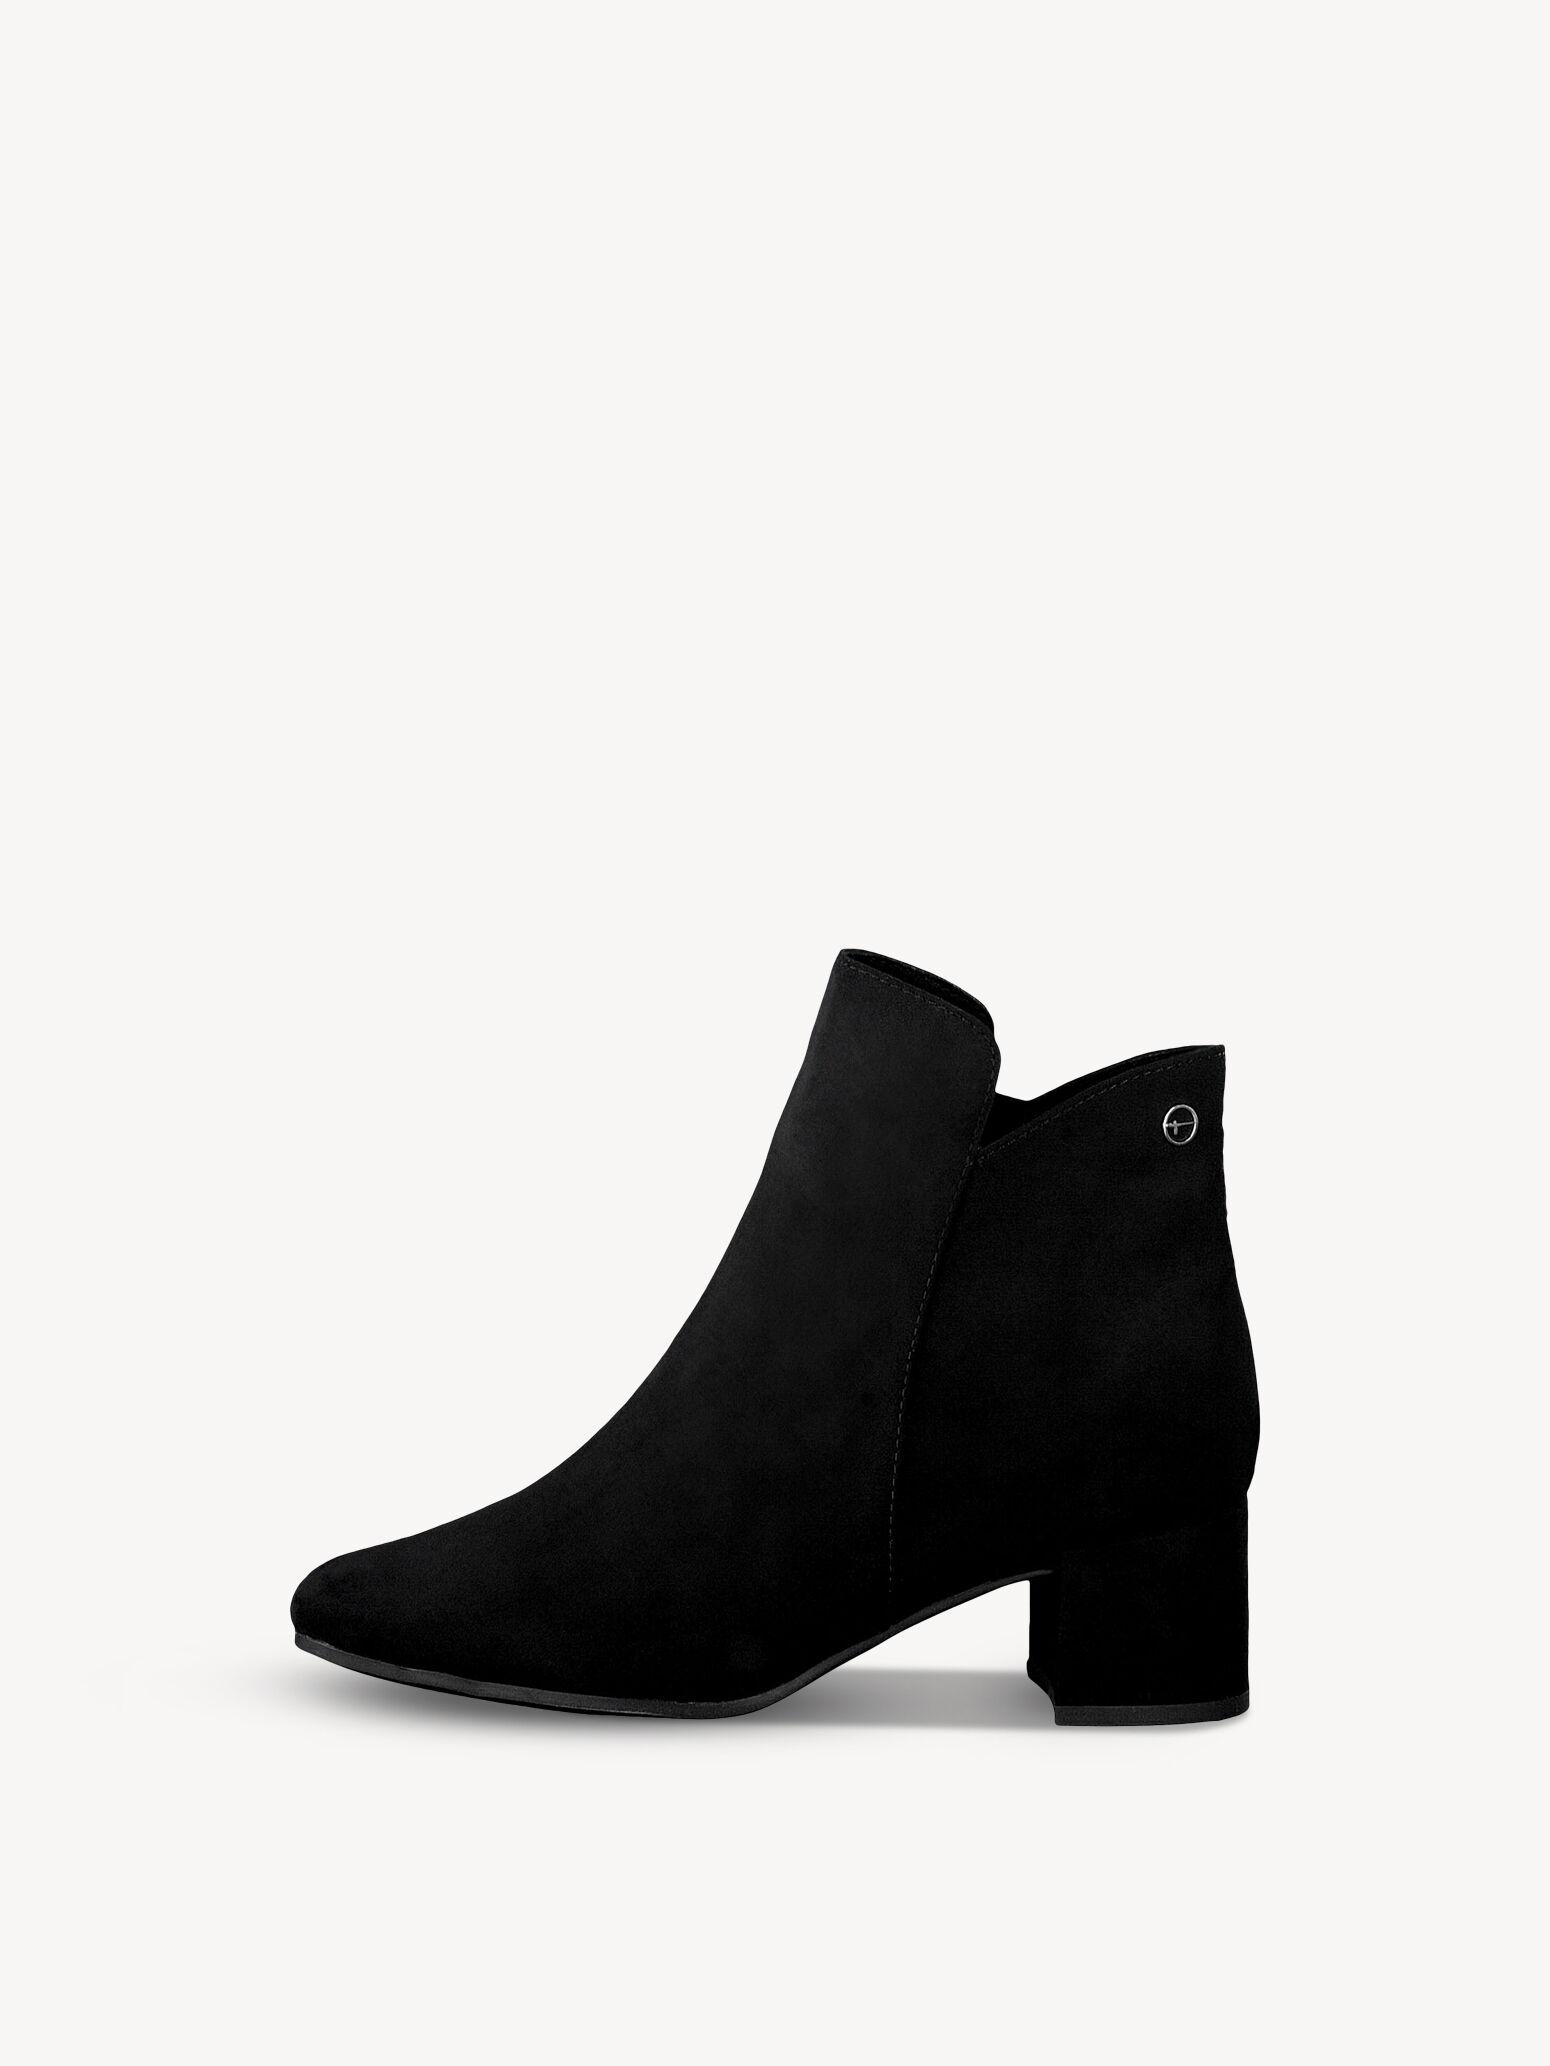 Femmes Chaussures Bottines Bottines Tamaris Tamaris Chaussures Bottines Chaussures Tamaris Femmes qUpVzSGM